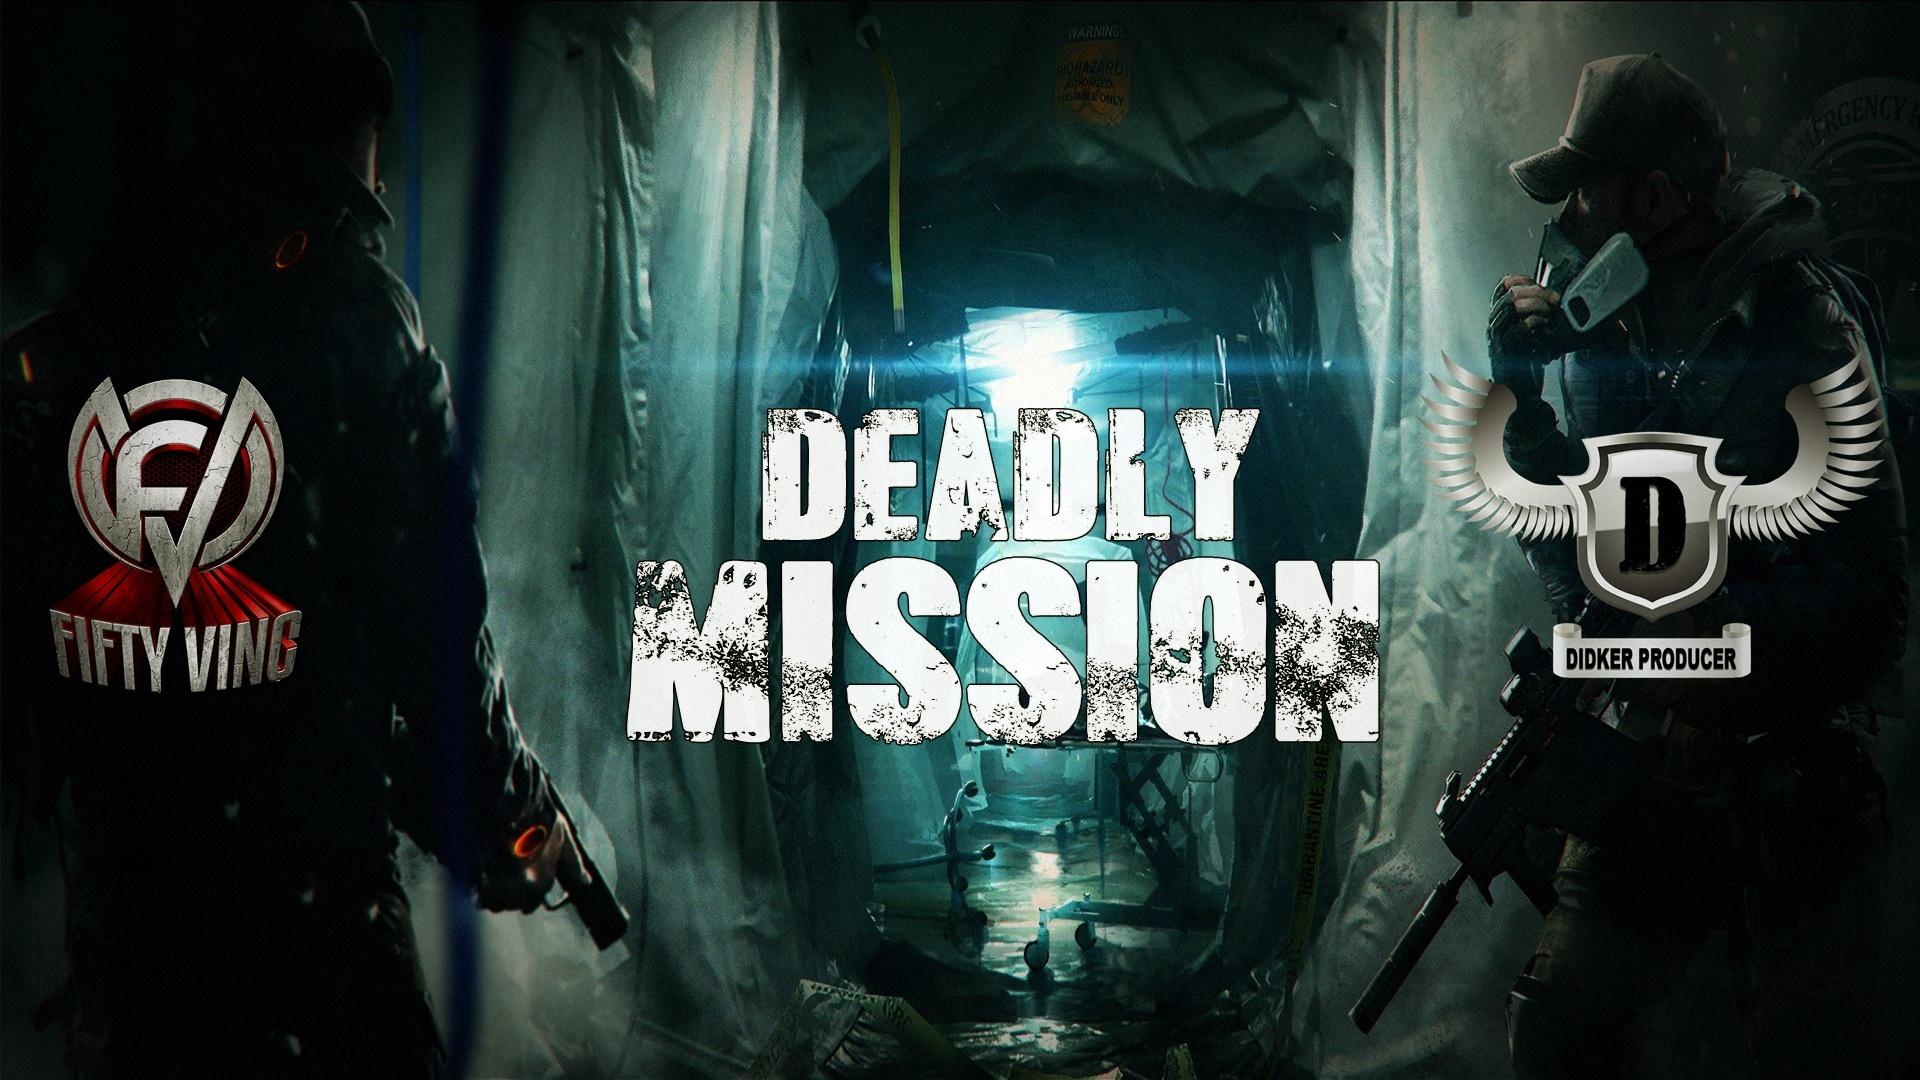 DEADLY MISSION (HARD ORCHESTRA BANGER HIP HOP RAP BEAT) [DIDKER COLLABO]